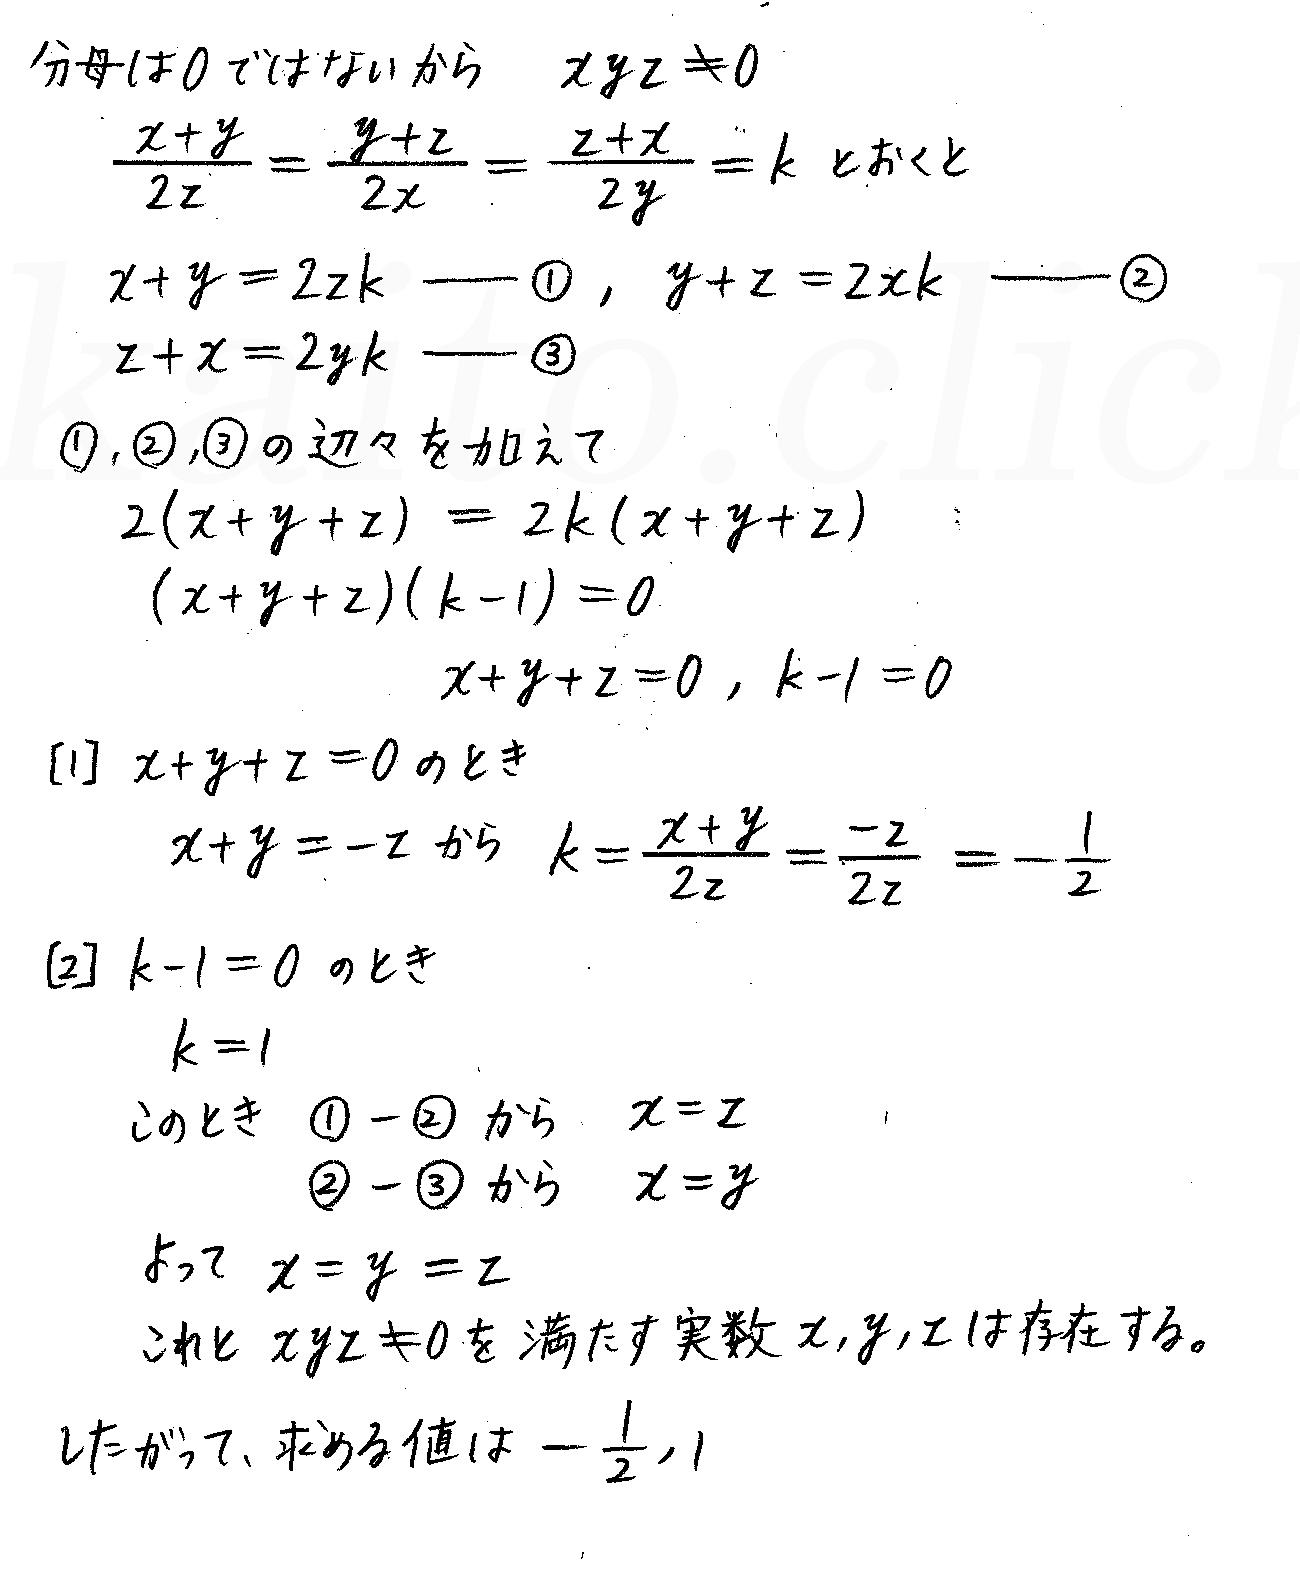 4STEP数学2-51解答